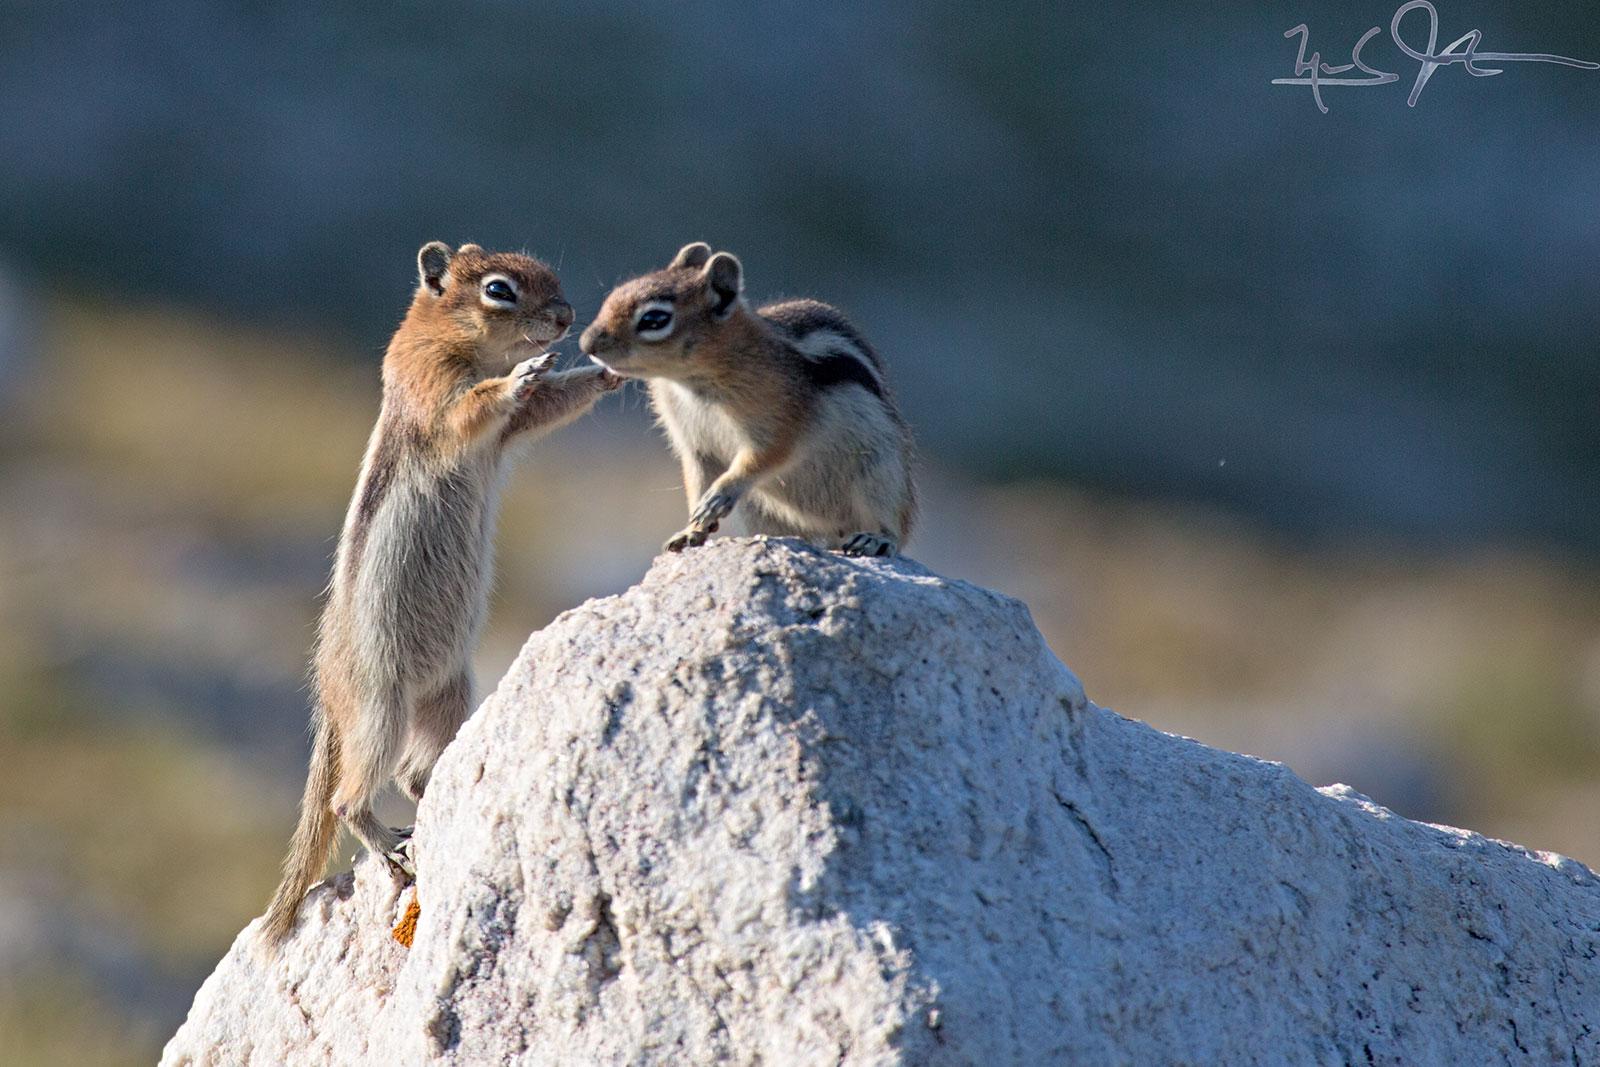 Chipmunks at play.